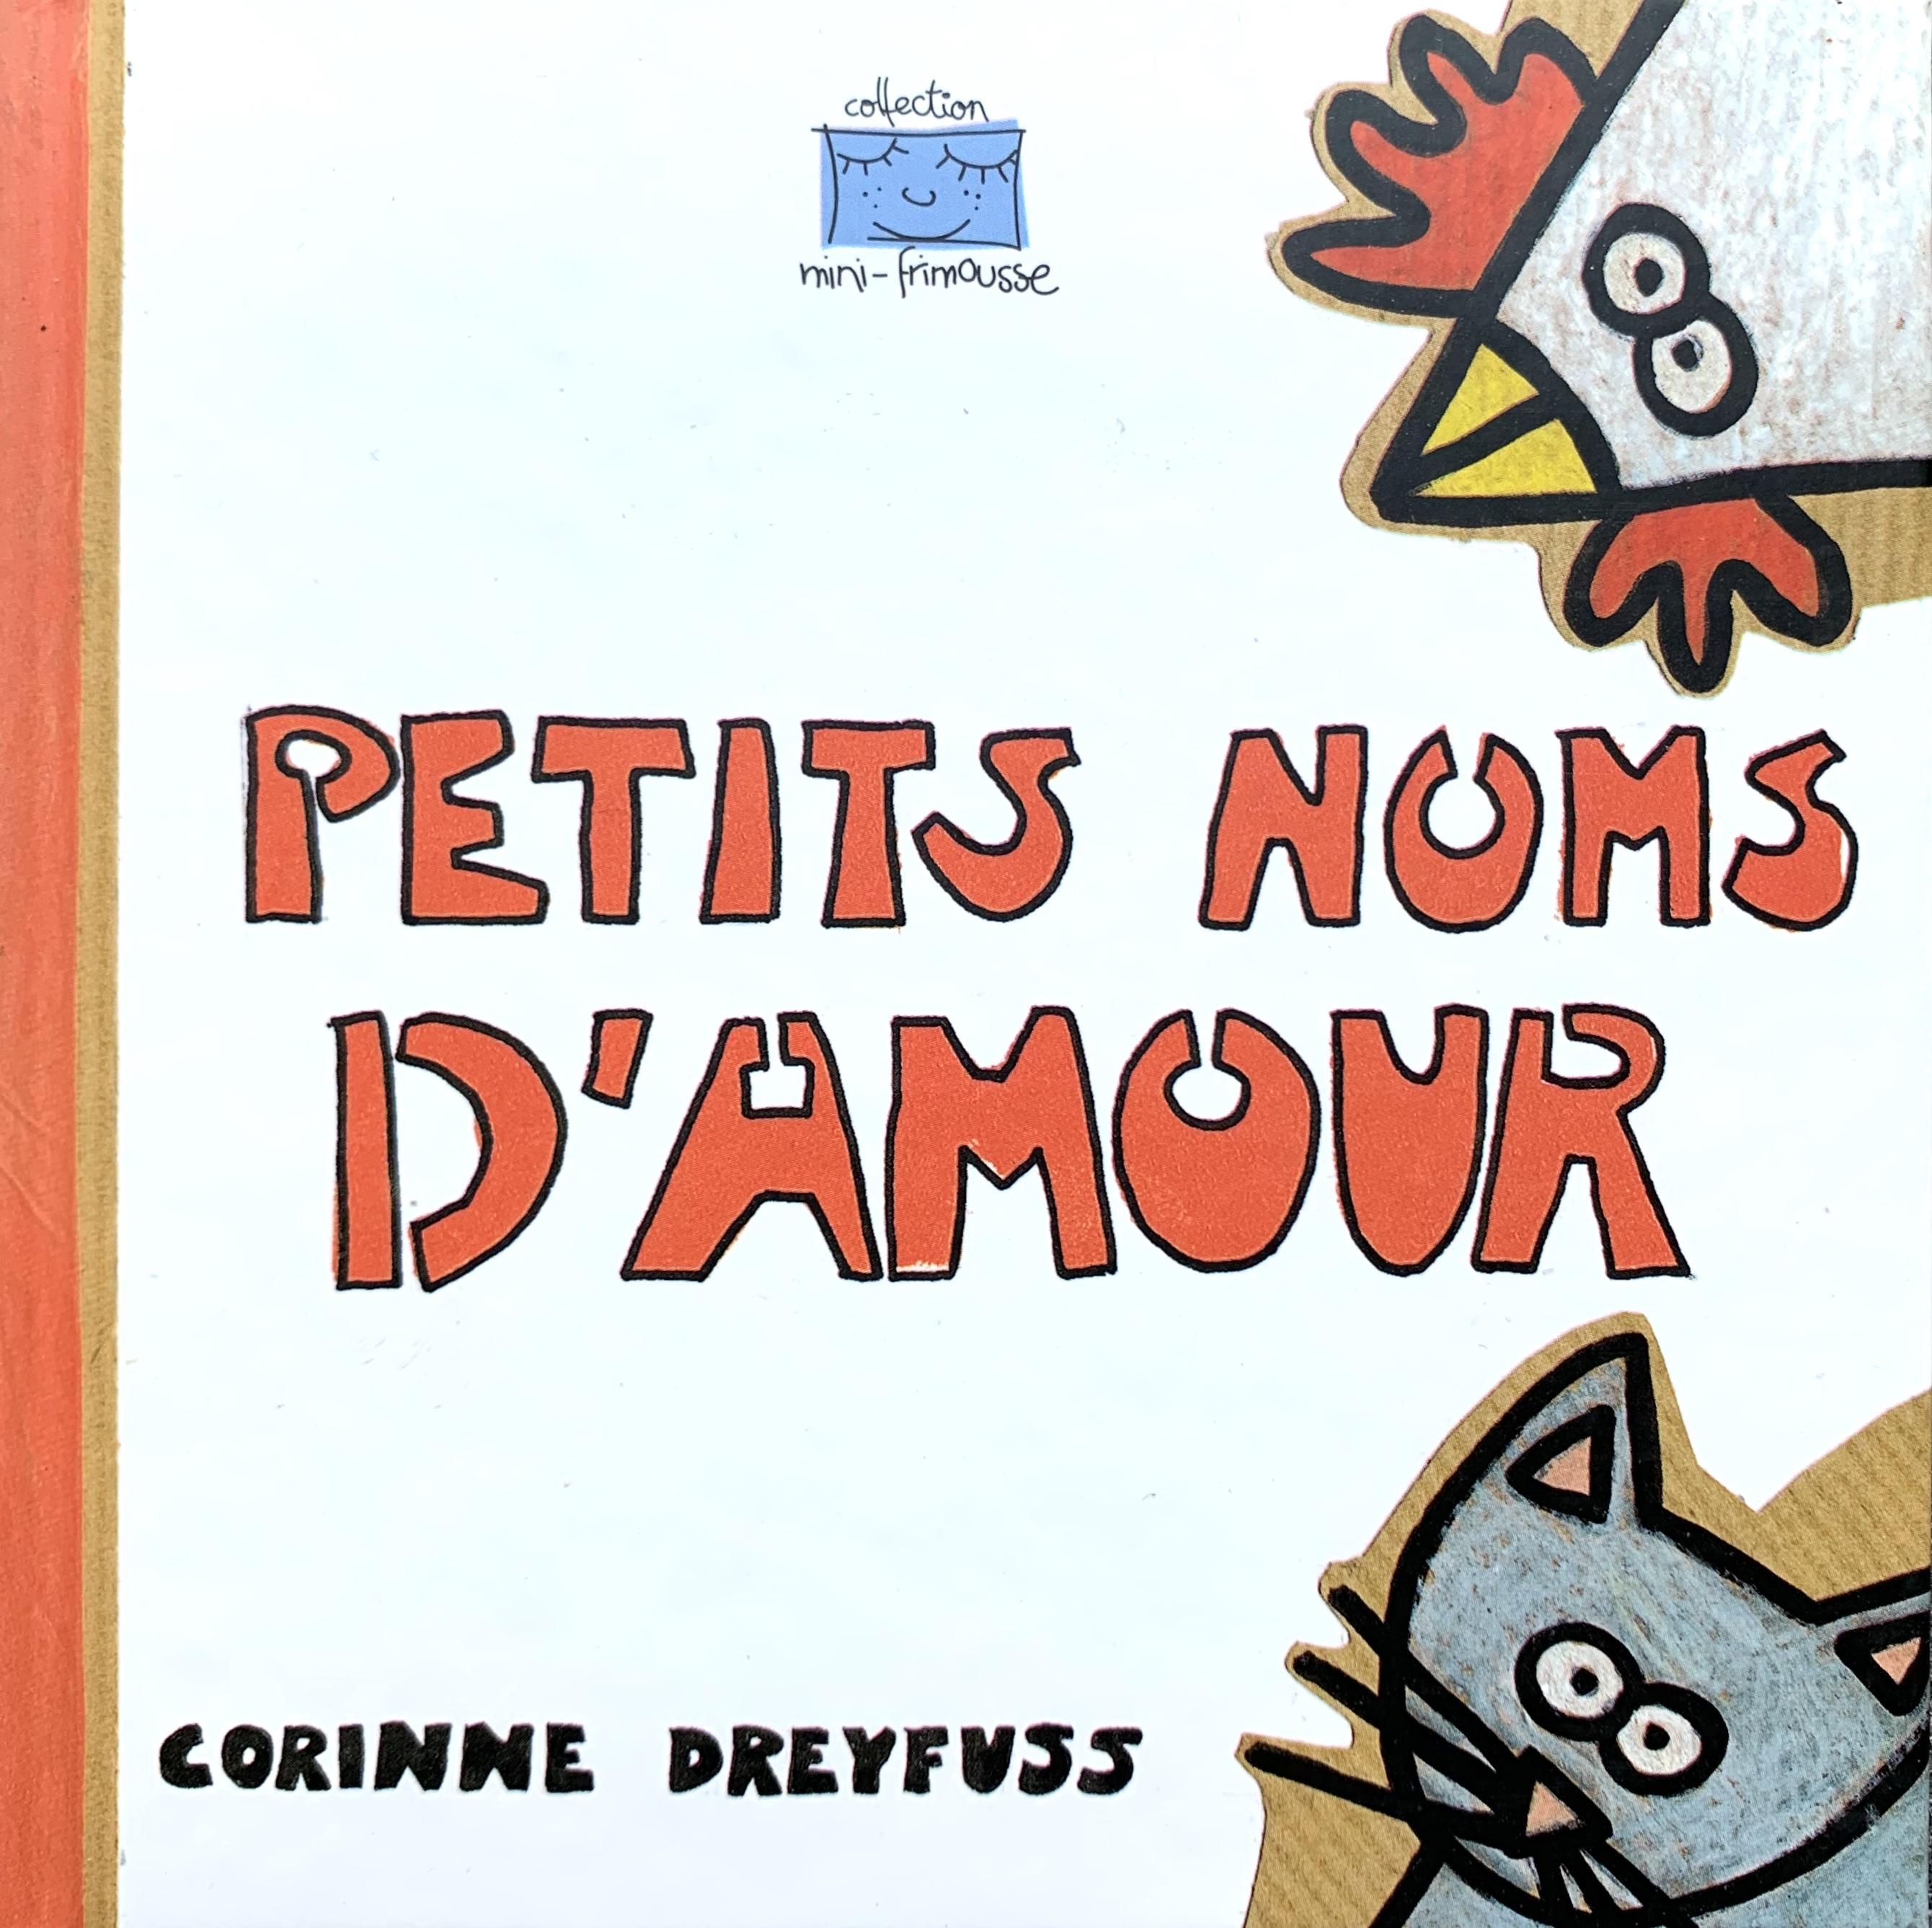 PETITS NOMS D'AMOUR